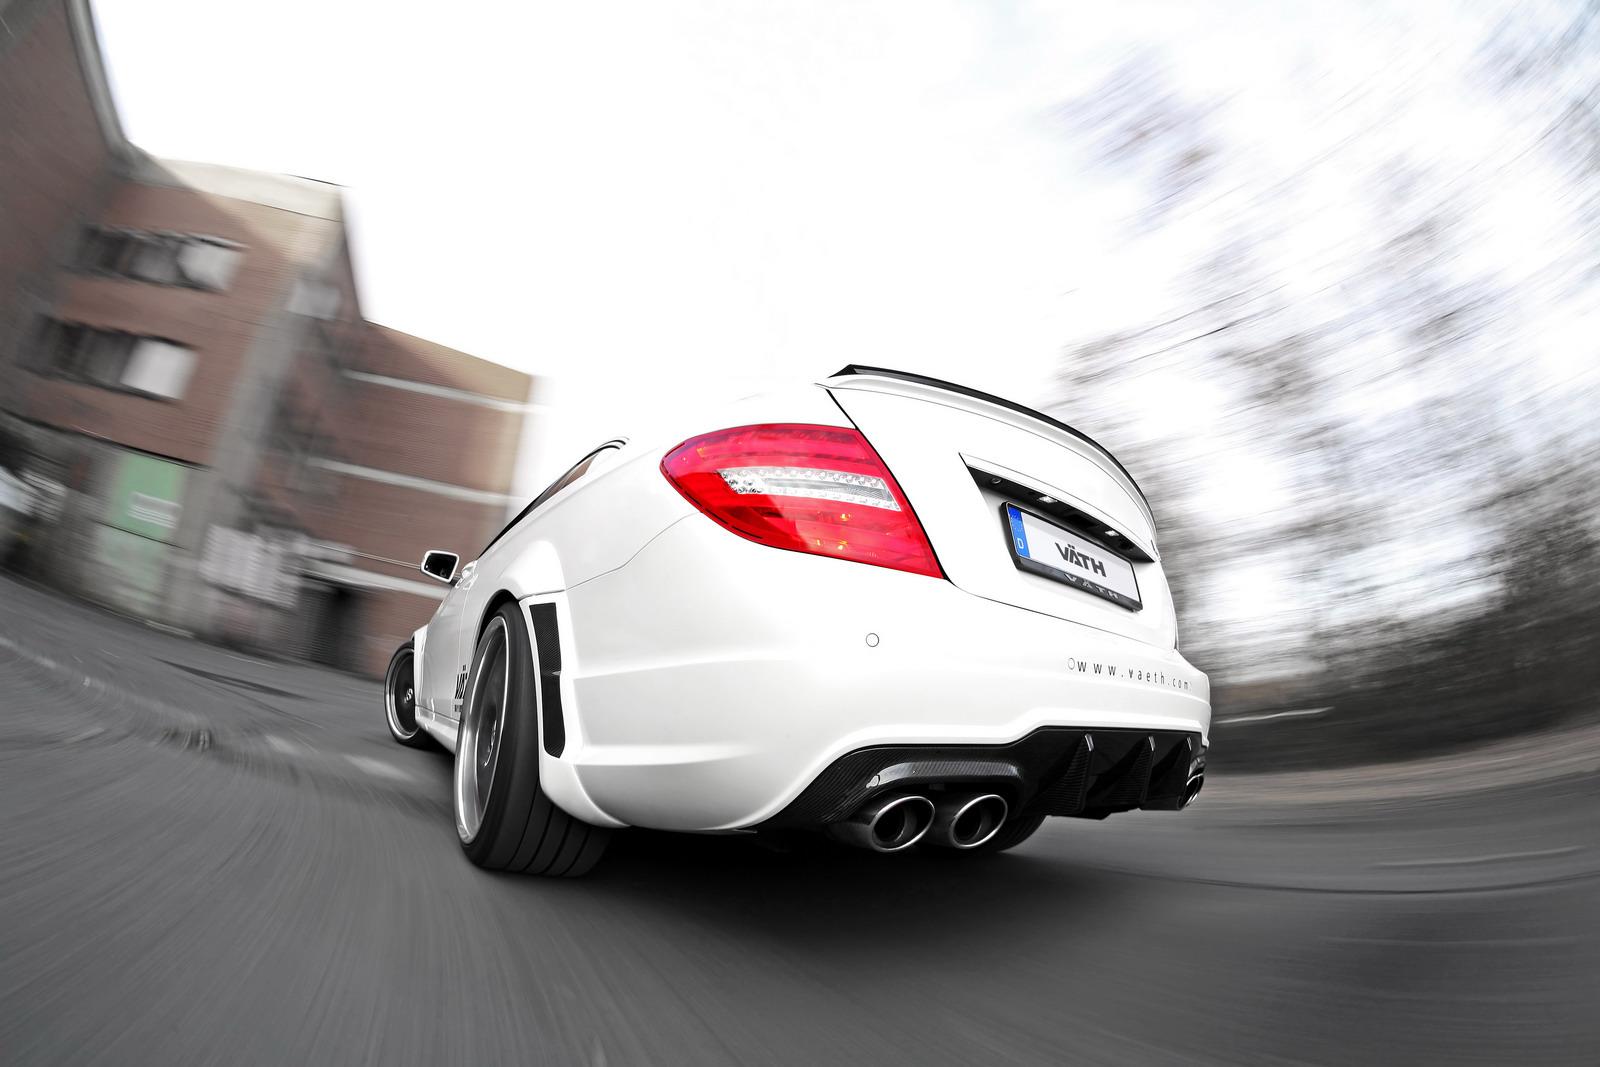 VATH V63 Supercharged aneb vyladěný Mercedes C63 AMG 7